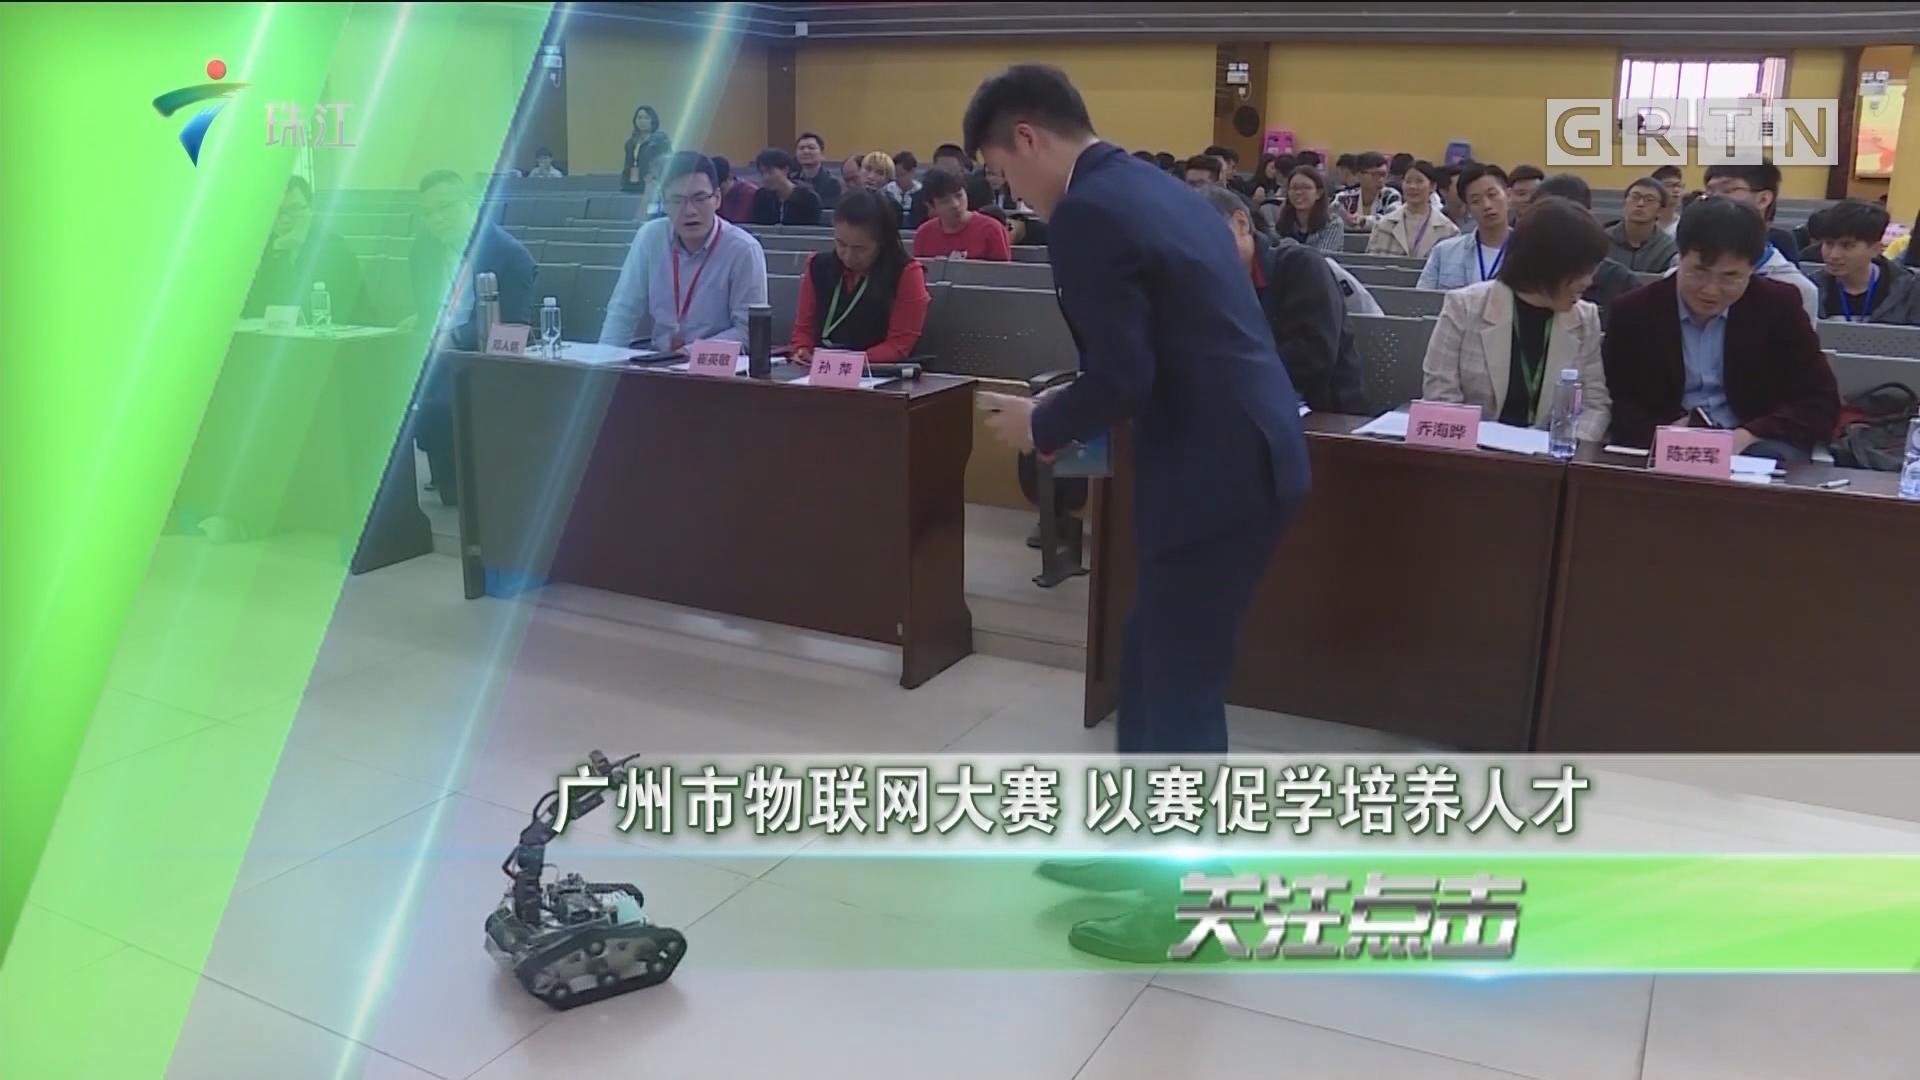 广州市物联网大赛 以赛促学培养人才